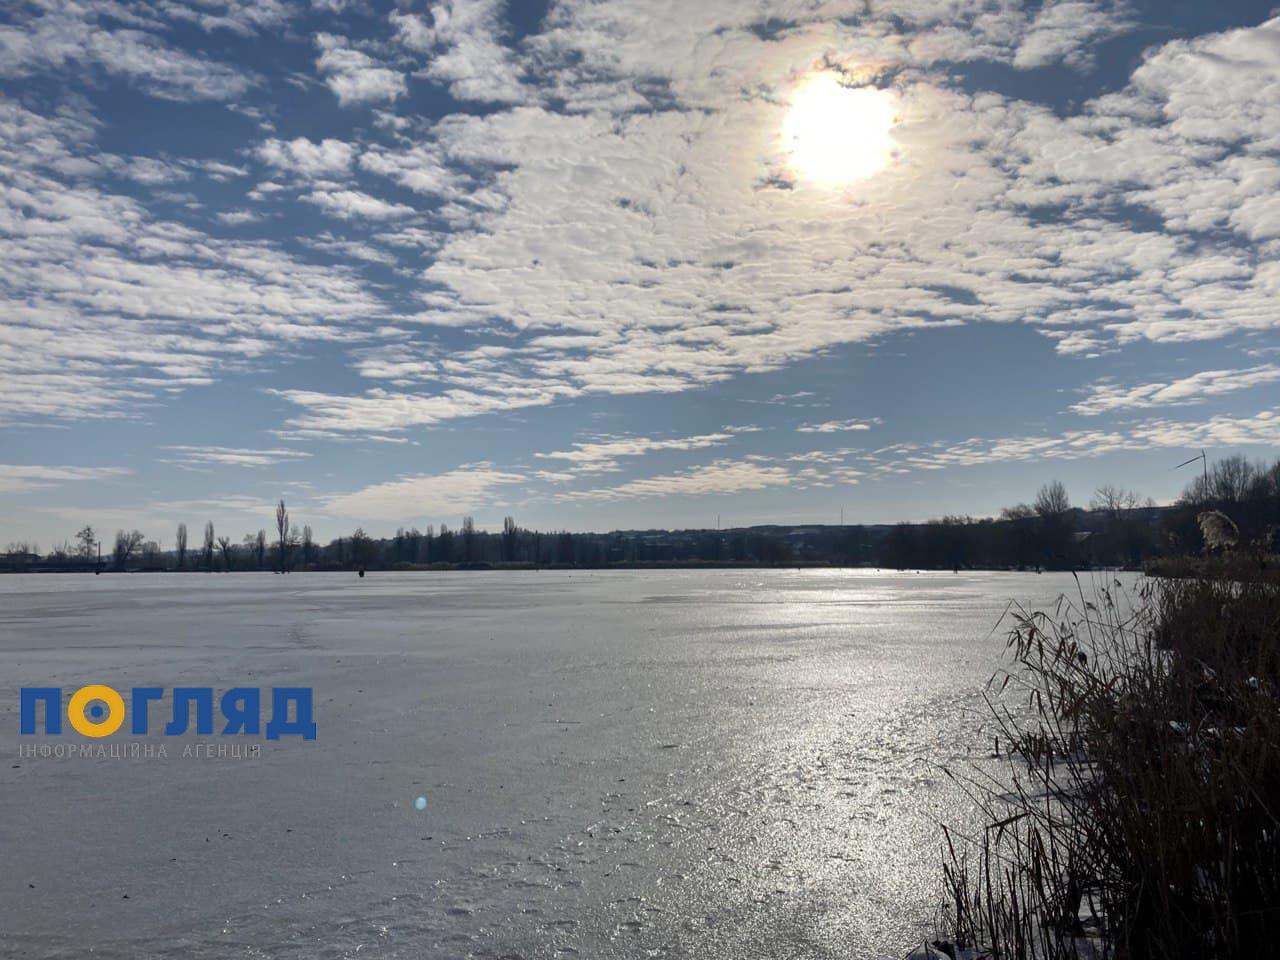 Температурні коливання в Україні: вночі – мороз, вдень – потепління -  - photo 2021 02 20 12 31 13